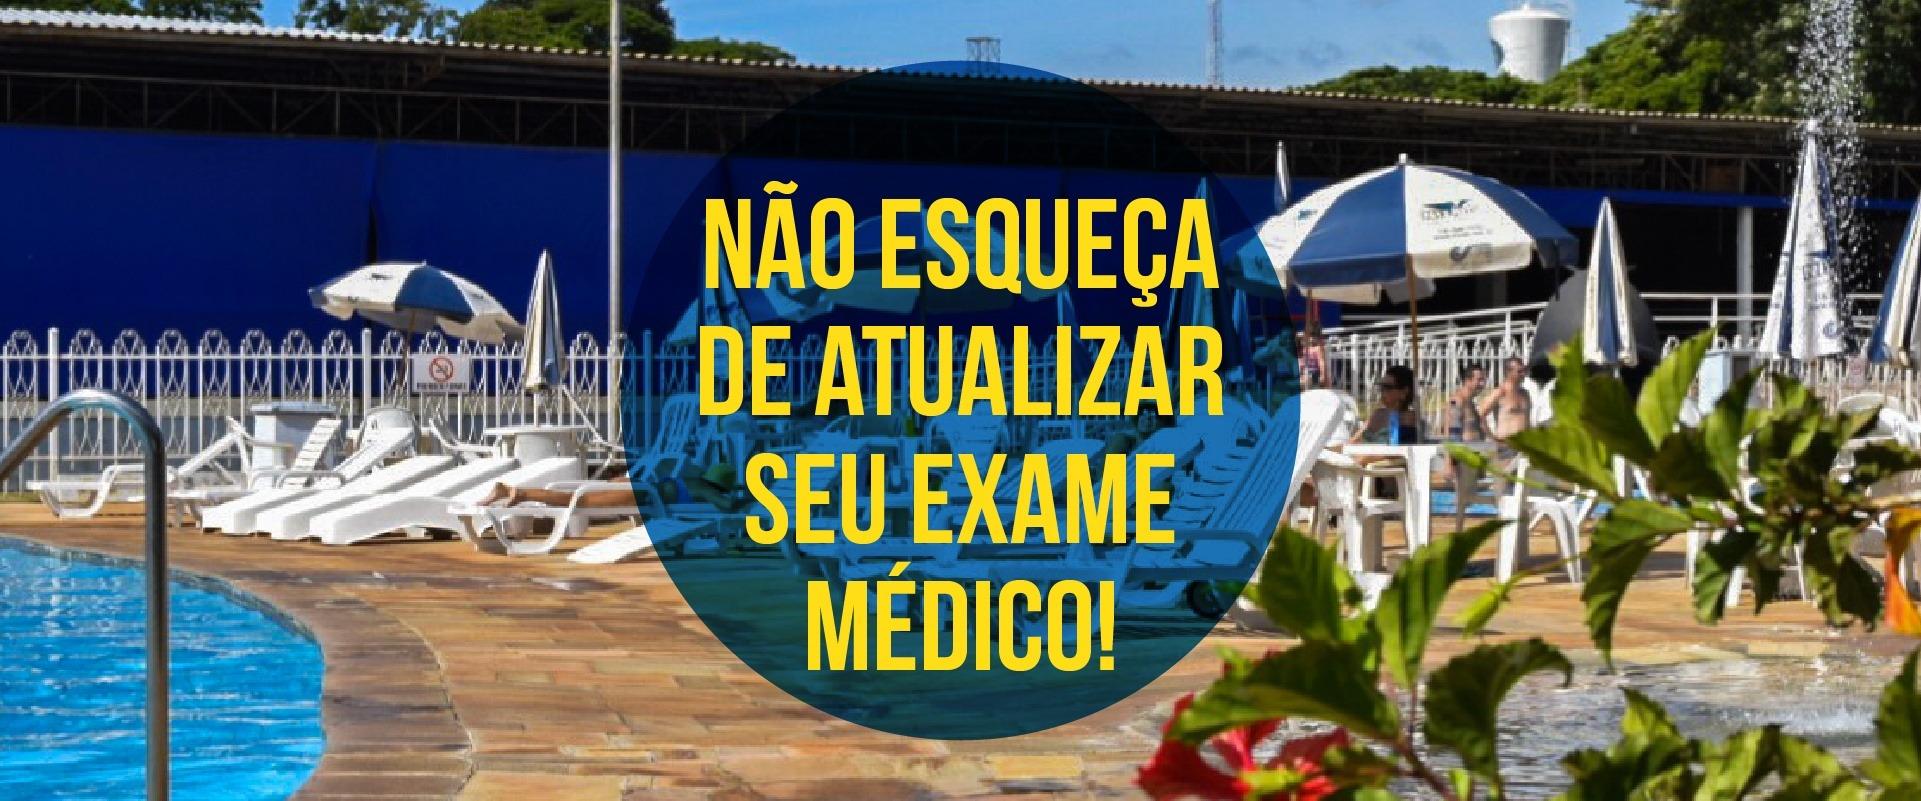 atestado_medico_Site_Banner